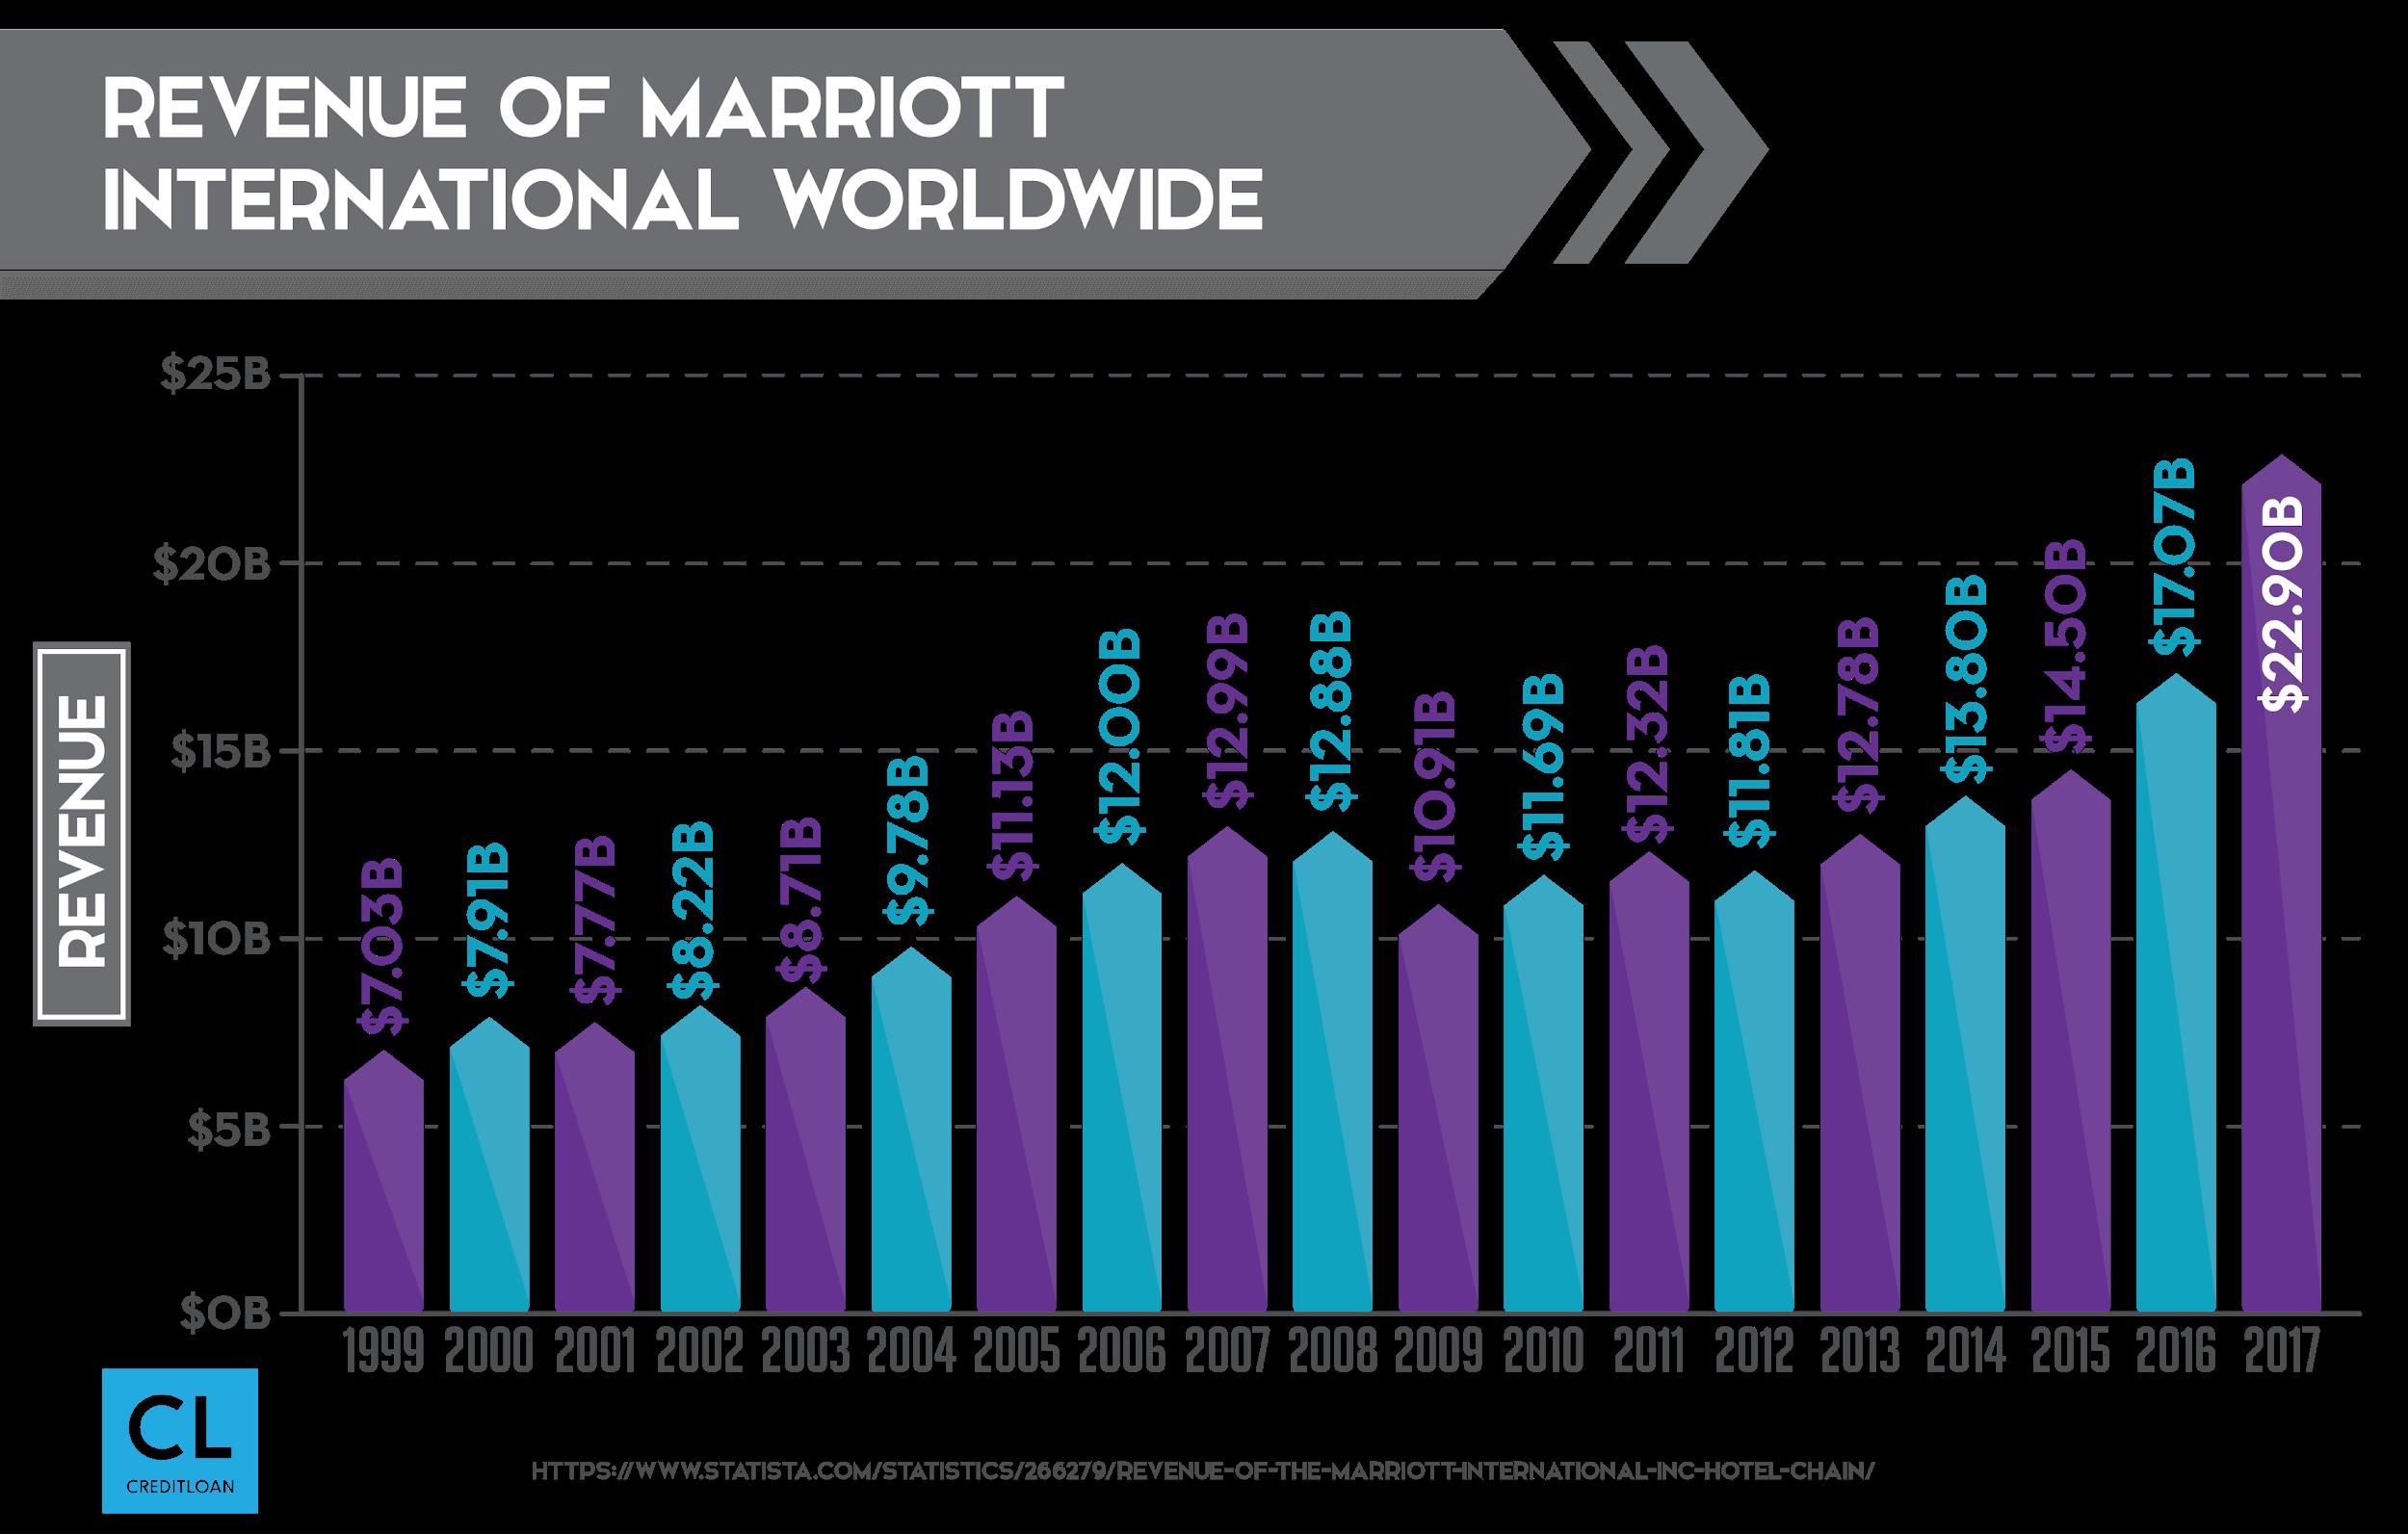 Revenue of Marriott International Worldwide from 2009-2017